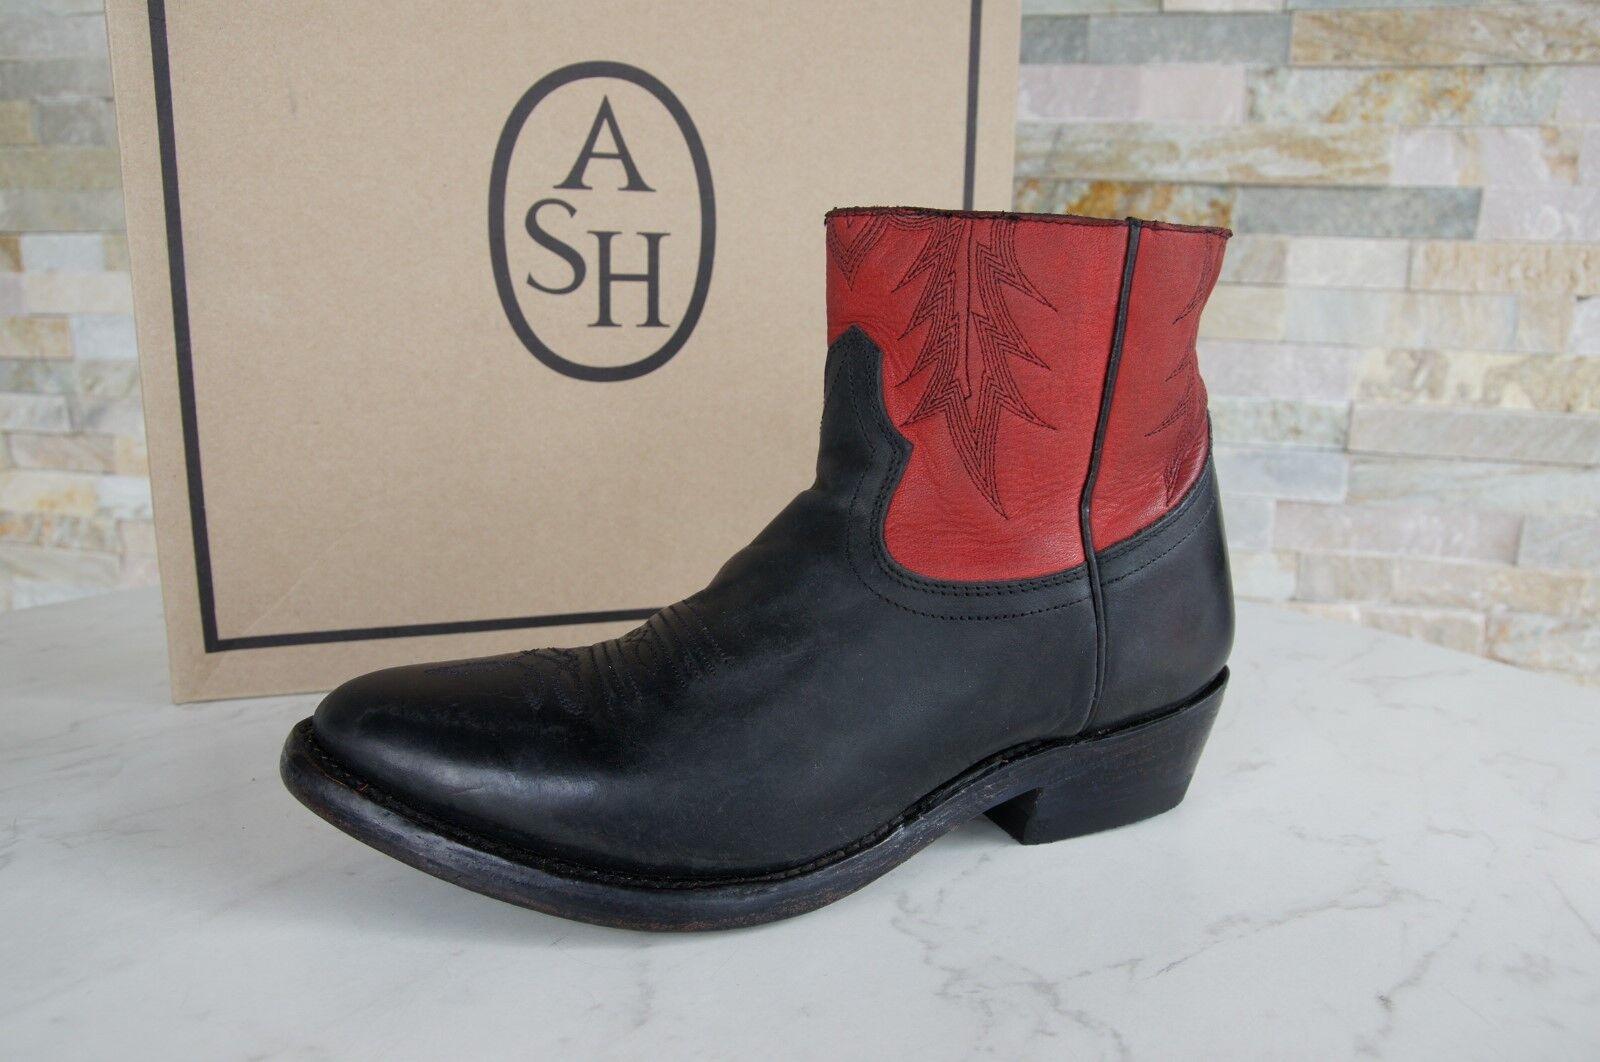 Ash Gr 36 Príncipe Zapatos Botines Country Vintage Príncipe 36 Negro+Rojo Nuevo b1d0d1